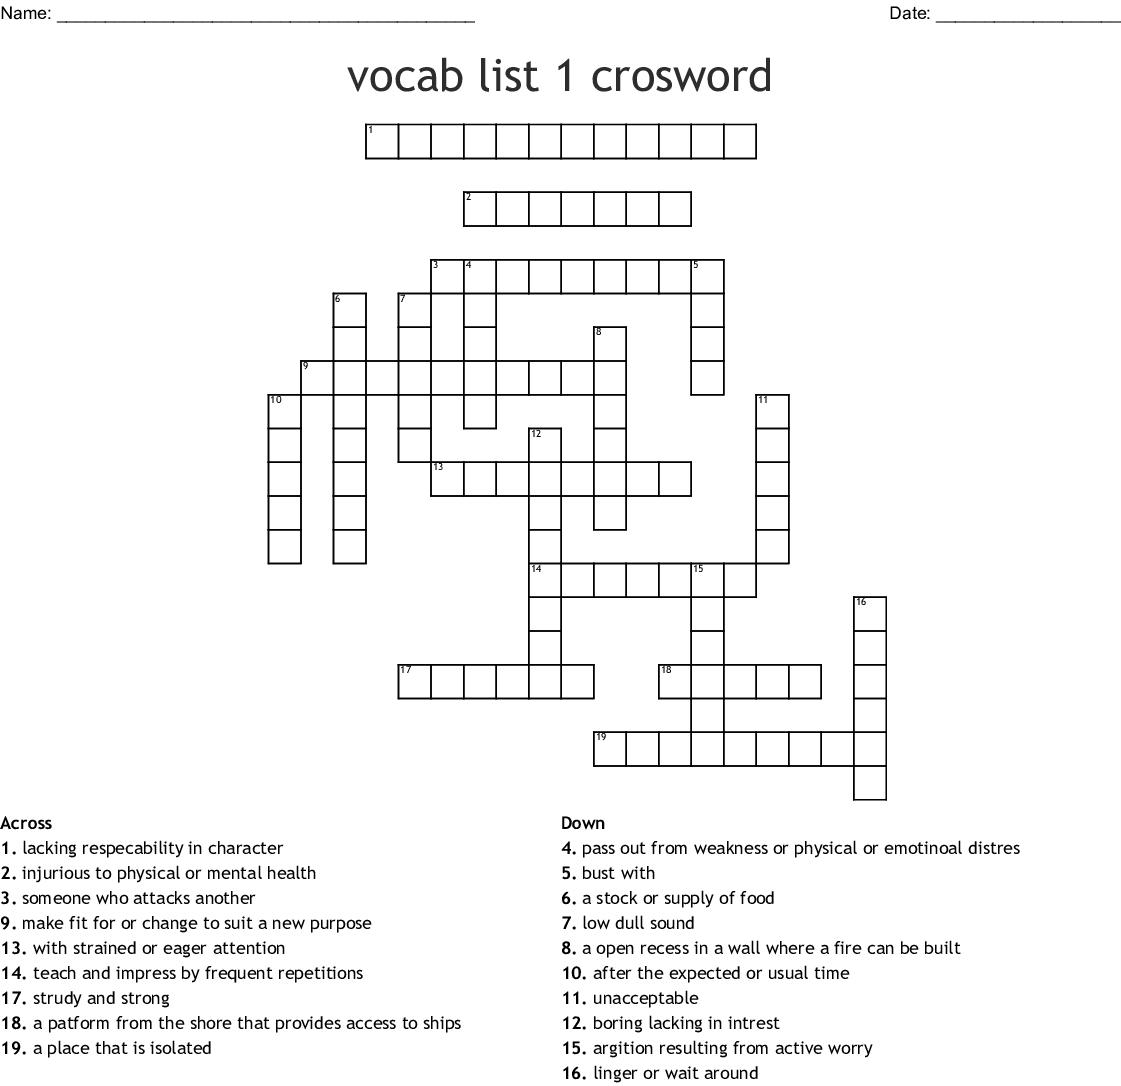 Vocabulary List 1 Crossword Wordmint